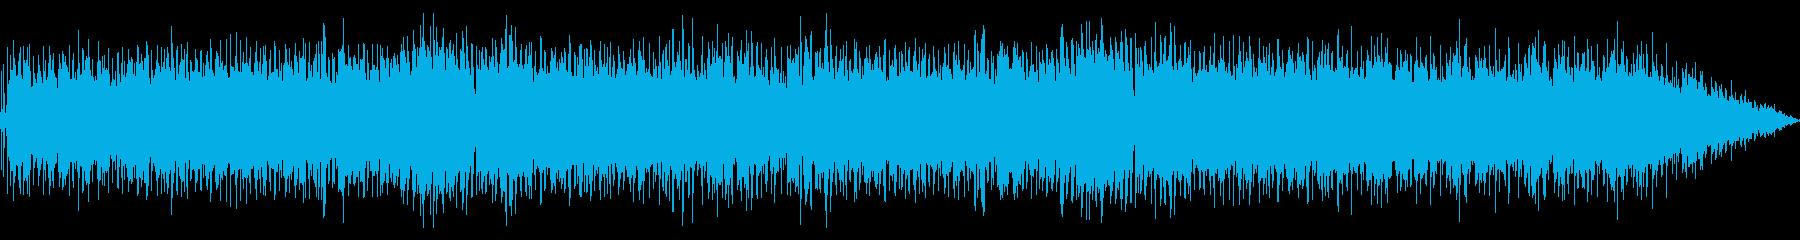 明るく前向きになるインストポップの再生済みの波形